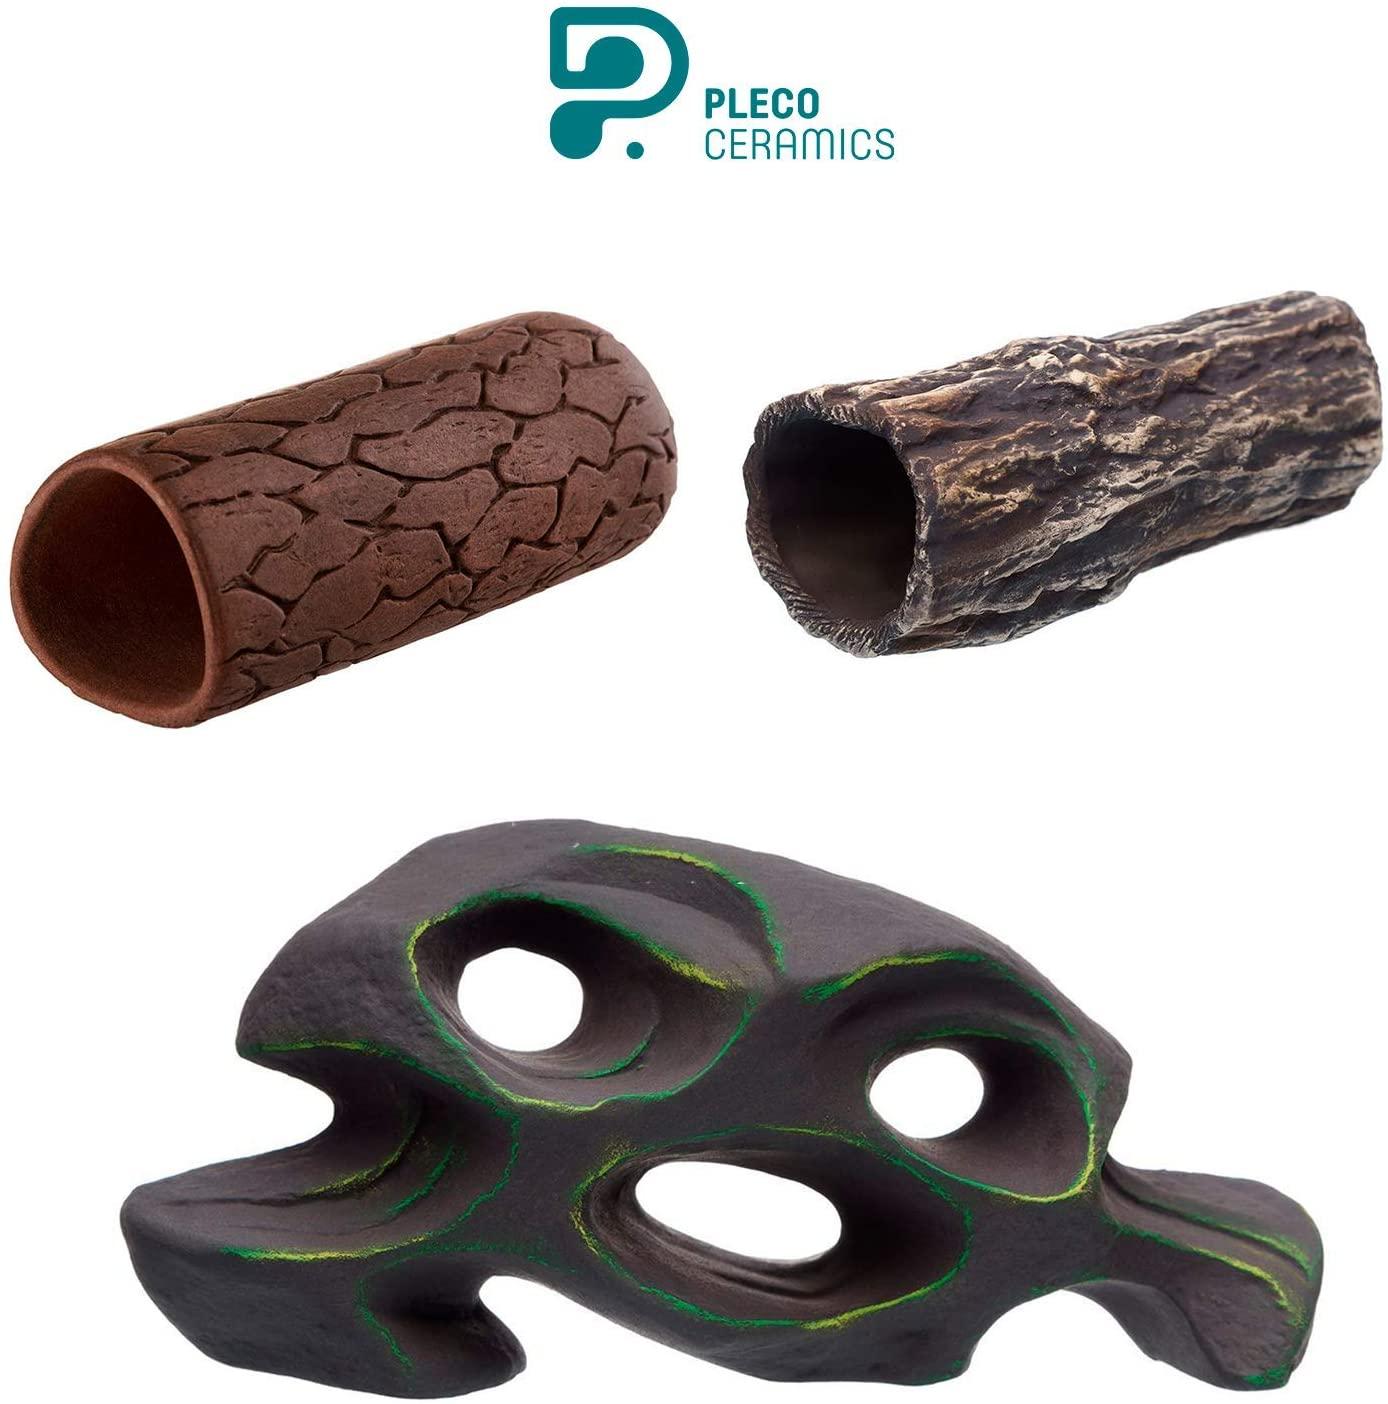 Plecoceramics Pleco Cave M + Pleco Cave Natural + Honeycomb Aquarium Ceramic Decorations Bundle